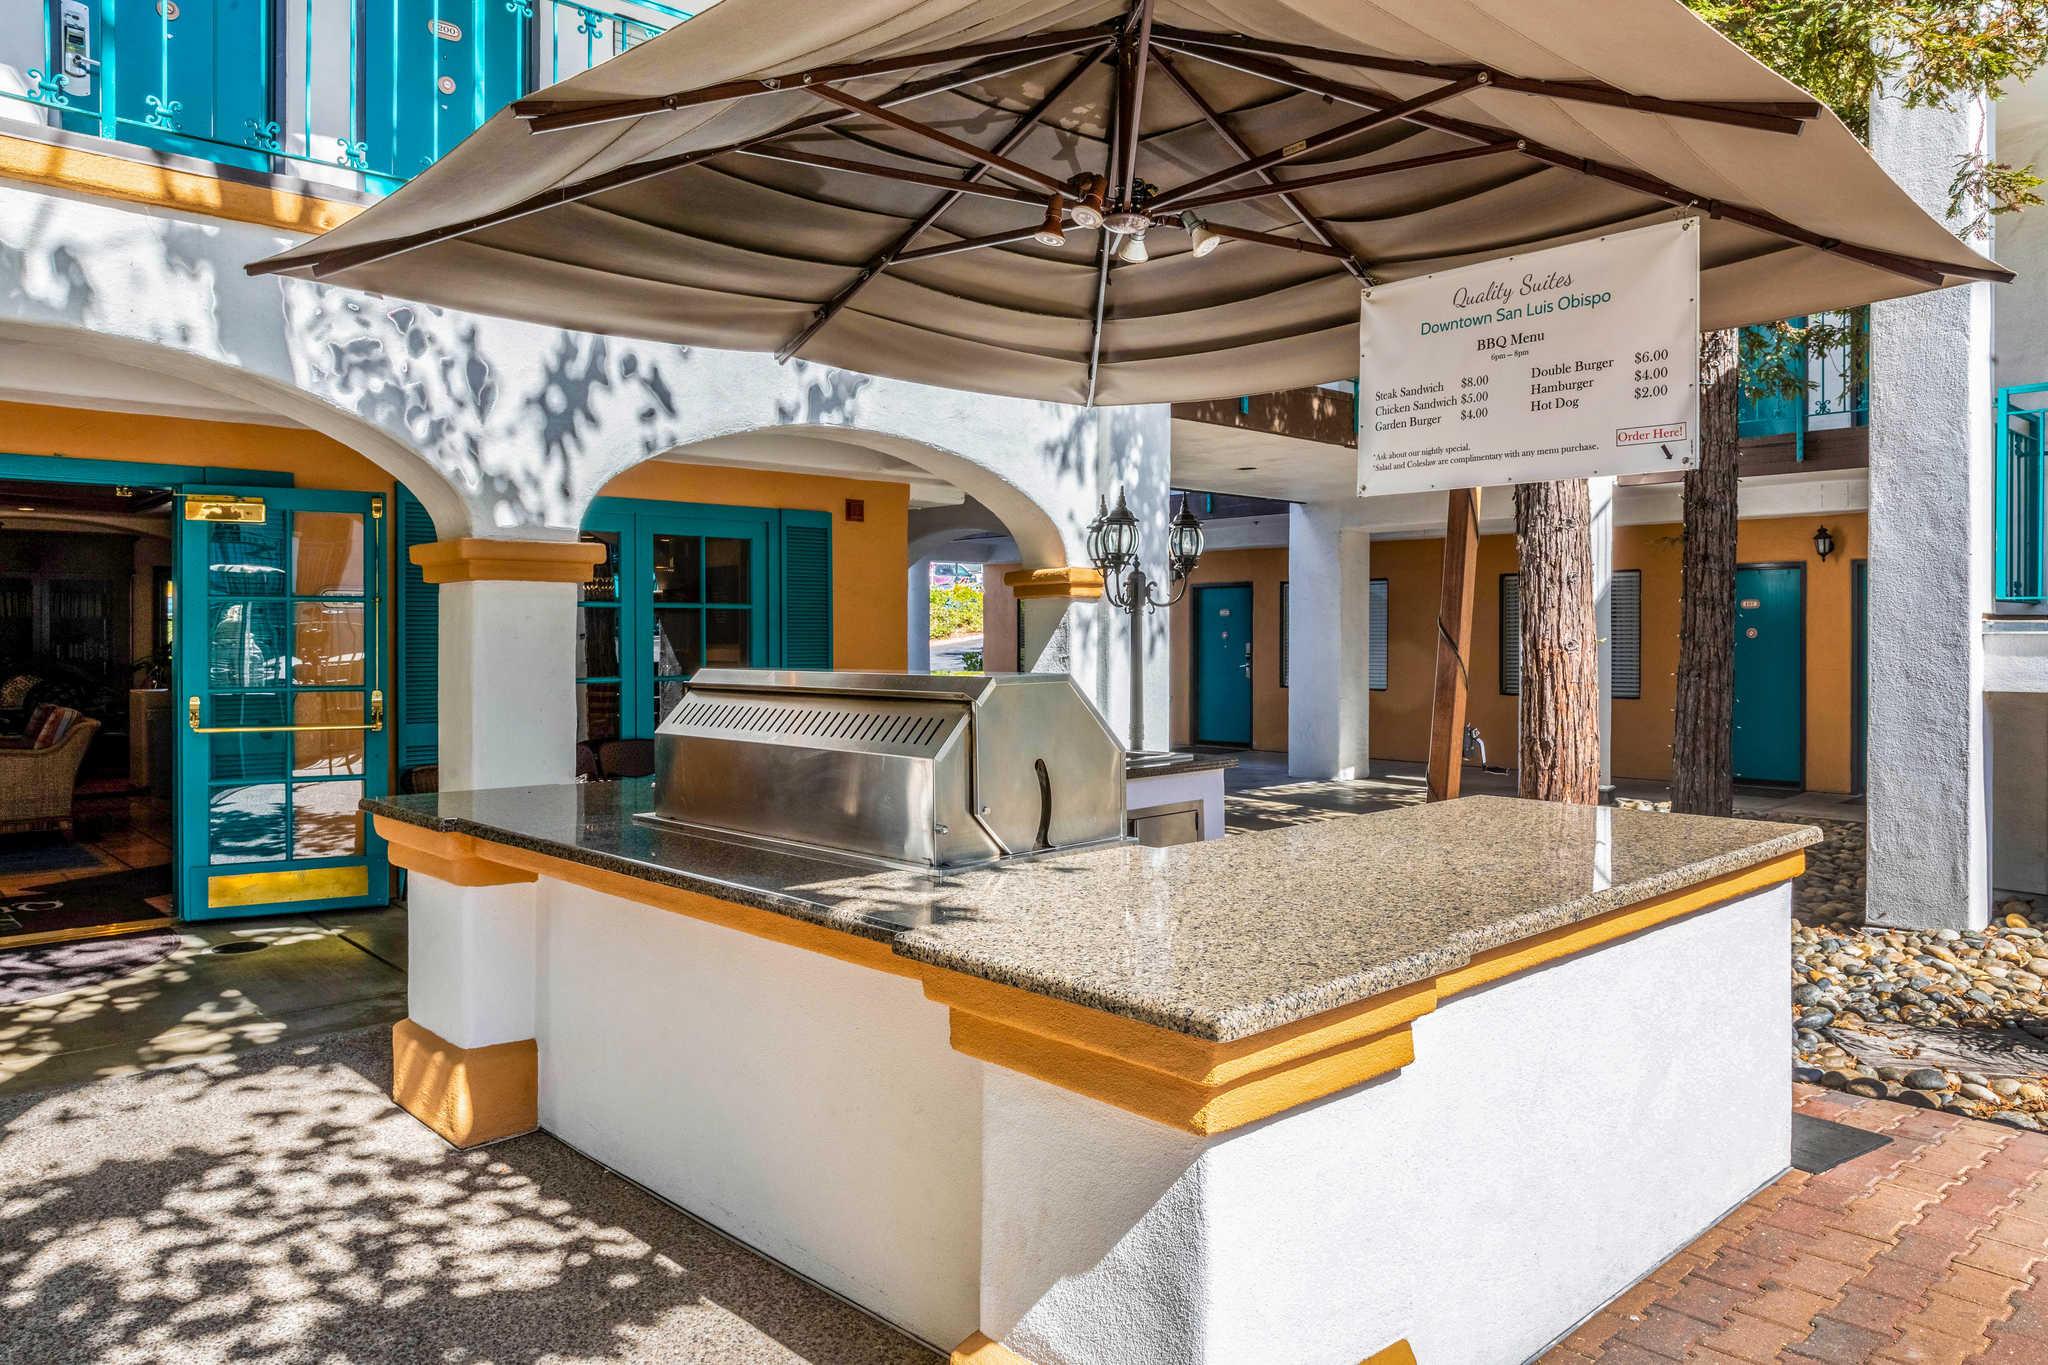 Quality Suites Downtown San Luis Obispo image 23